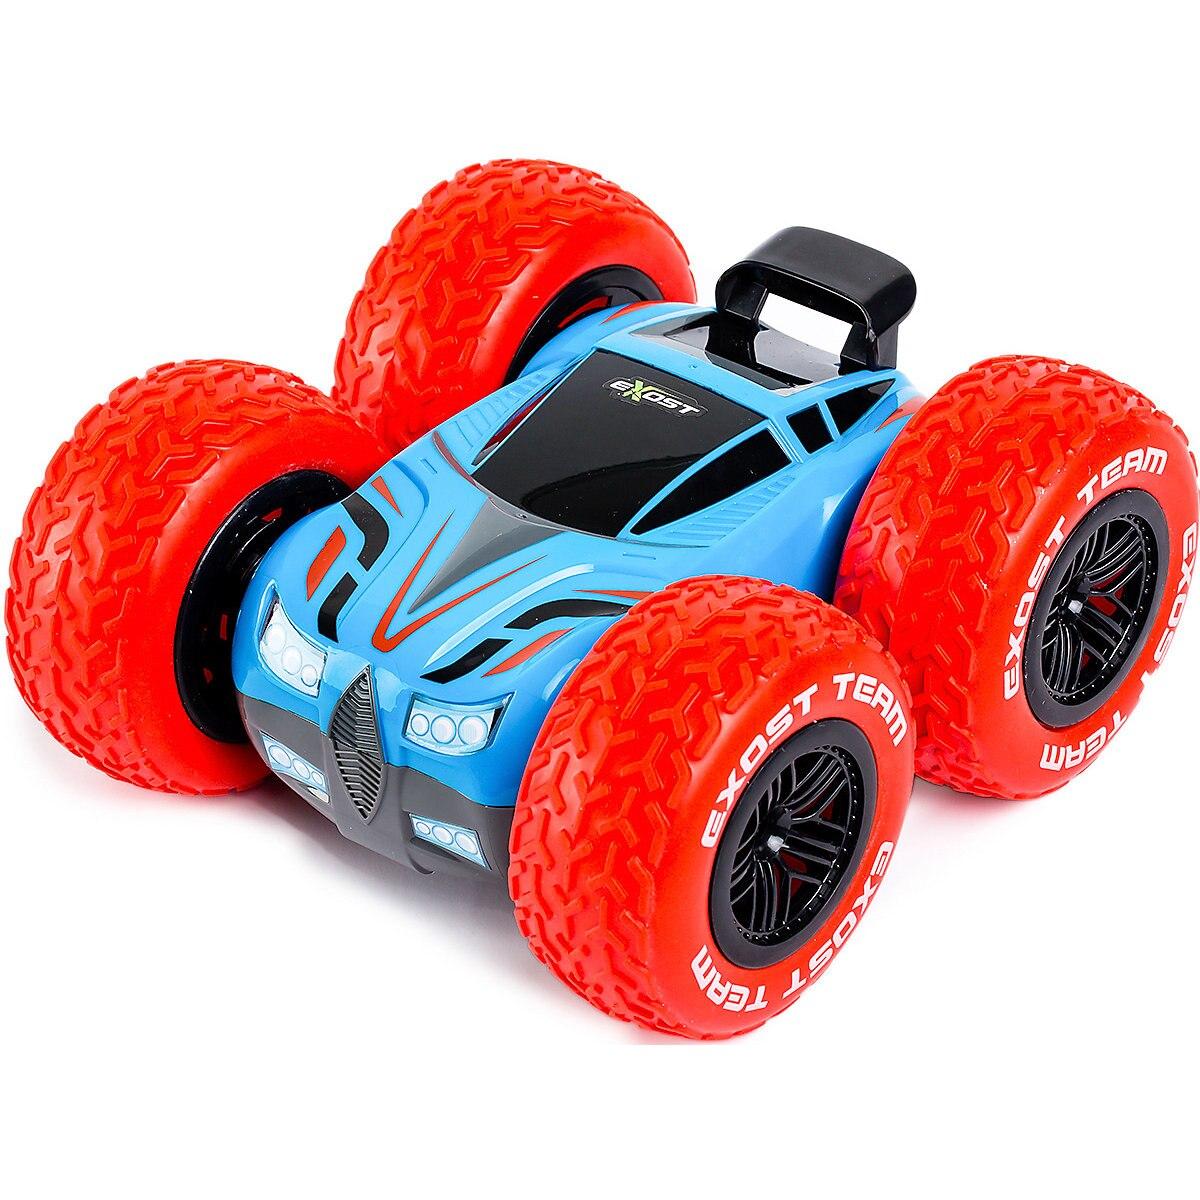 Silverlit RC Cars 10077713 télécommande jouets radiocommandé jouet jeux enfants enfants voiture